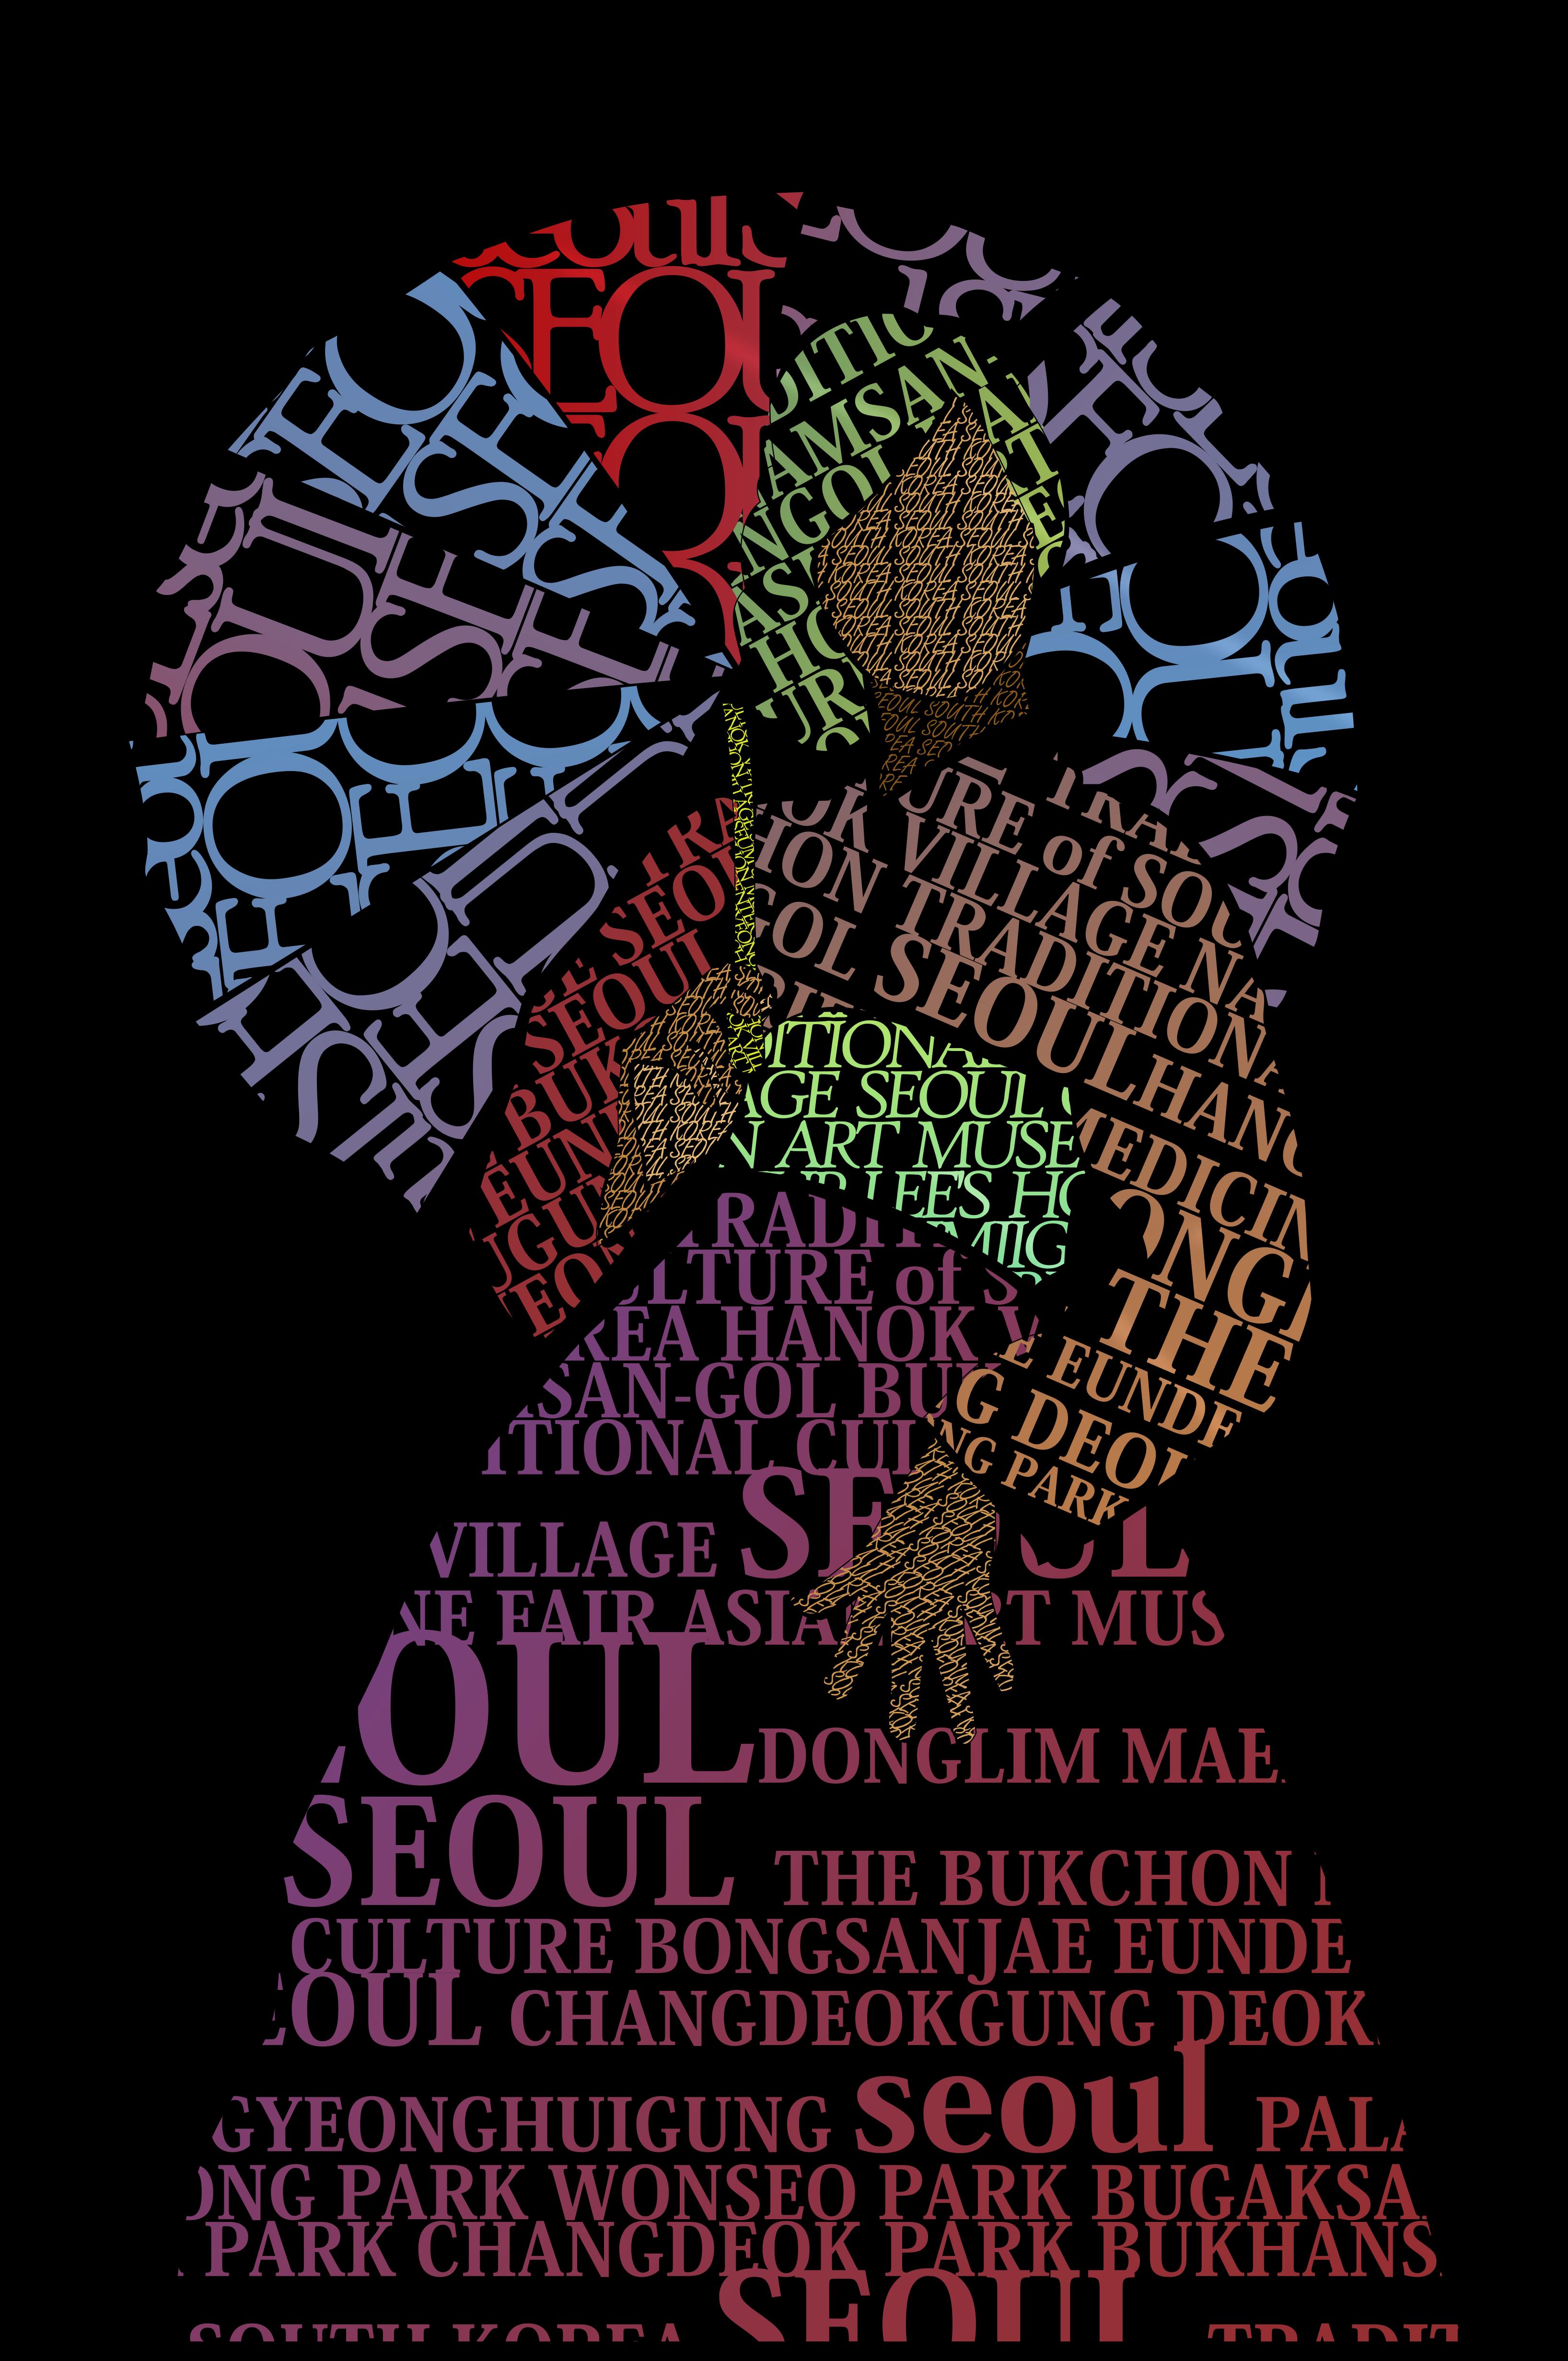 Seoul Typography Contest - faradilla ainurrohma